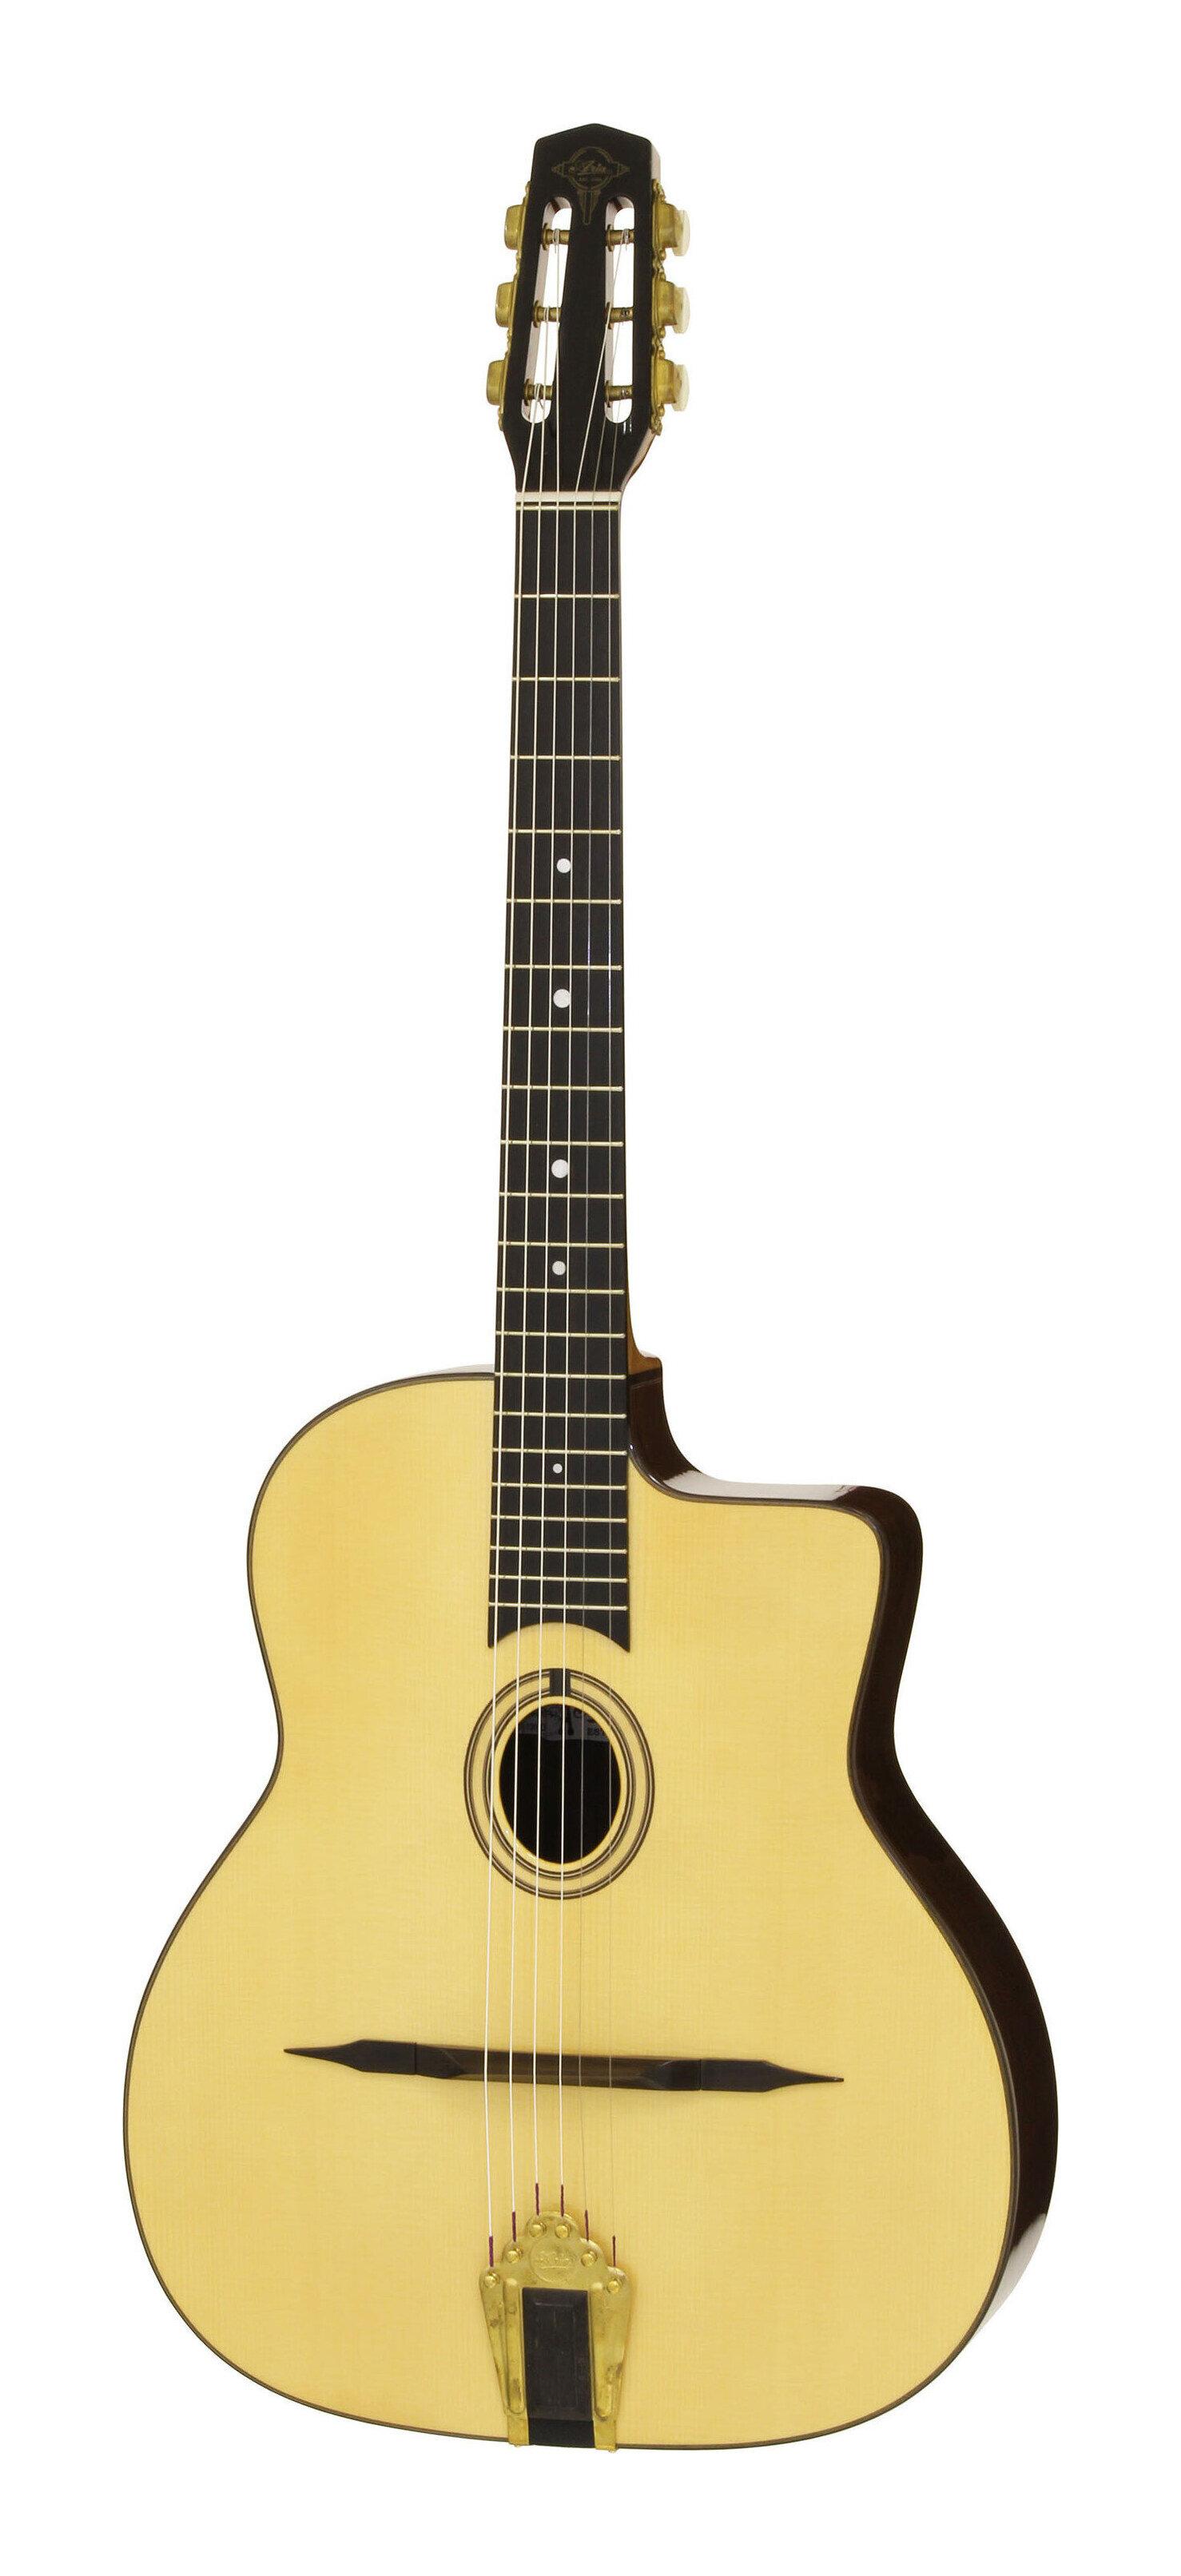 ARIA MM-100 O Natural 開催中 Gloss マカフェリ Oval-hole smtb-TK ハードケース付 送料無料 スタイル アコースティックギター 売れ筋